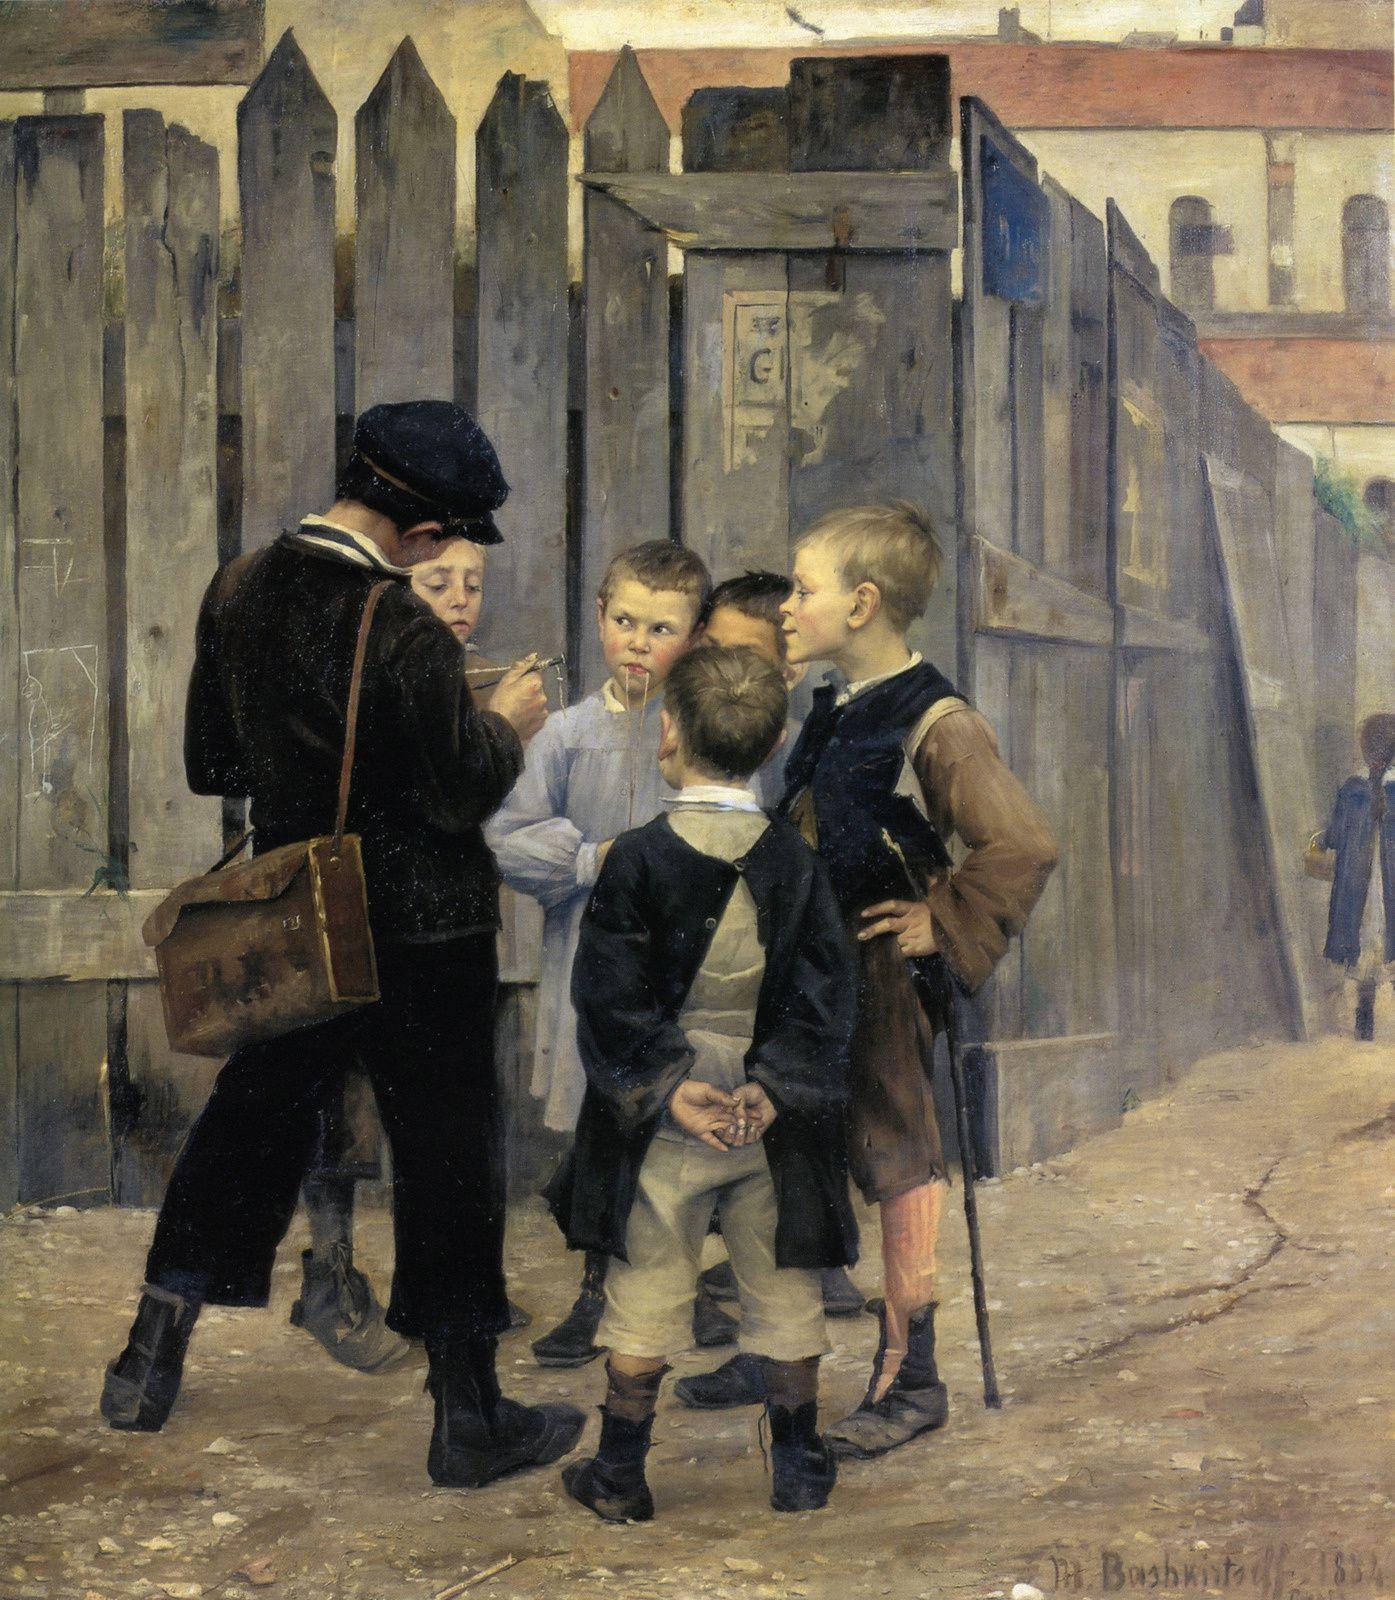 La Réunion - Marie Bashkirtseff - 1884 - Musée d'Orsay